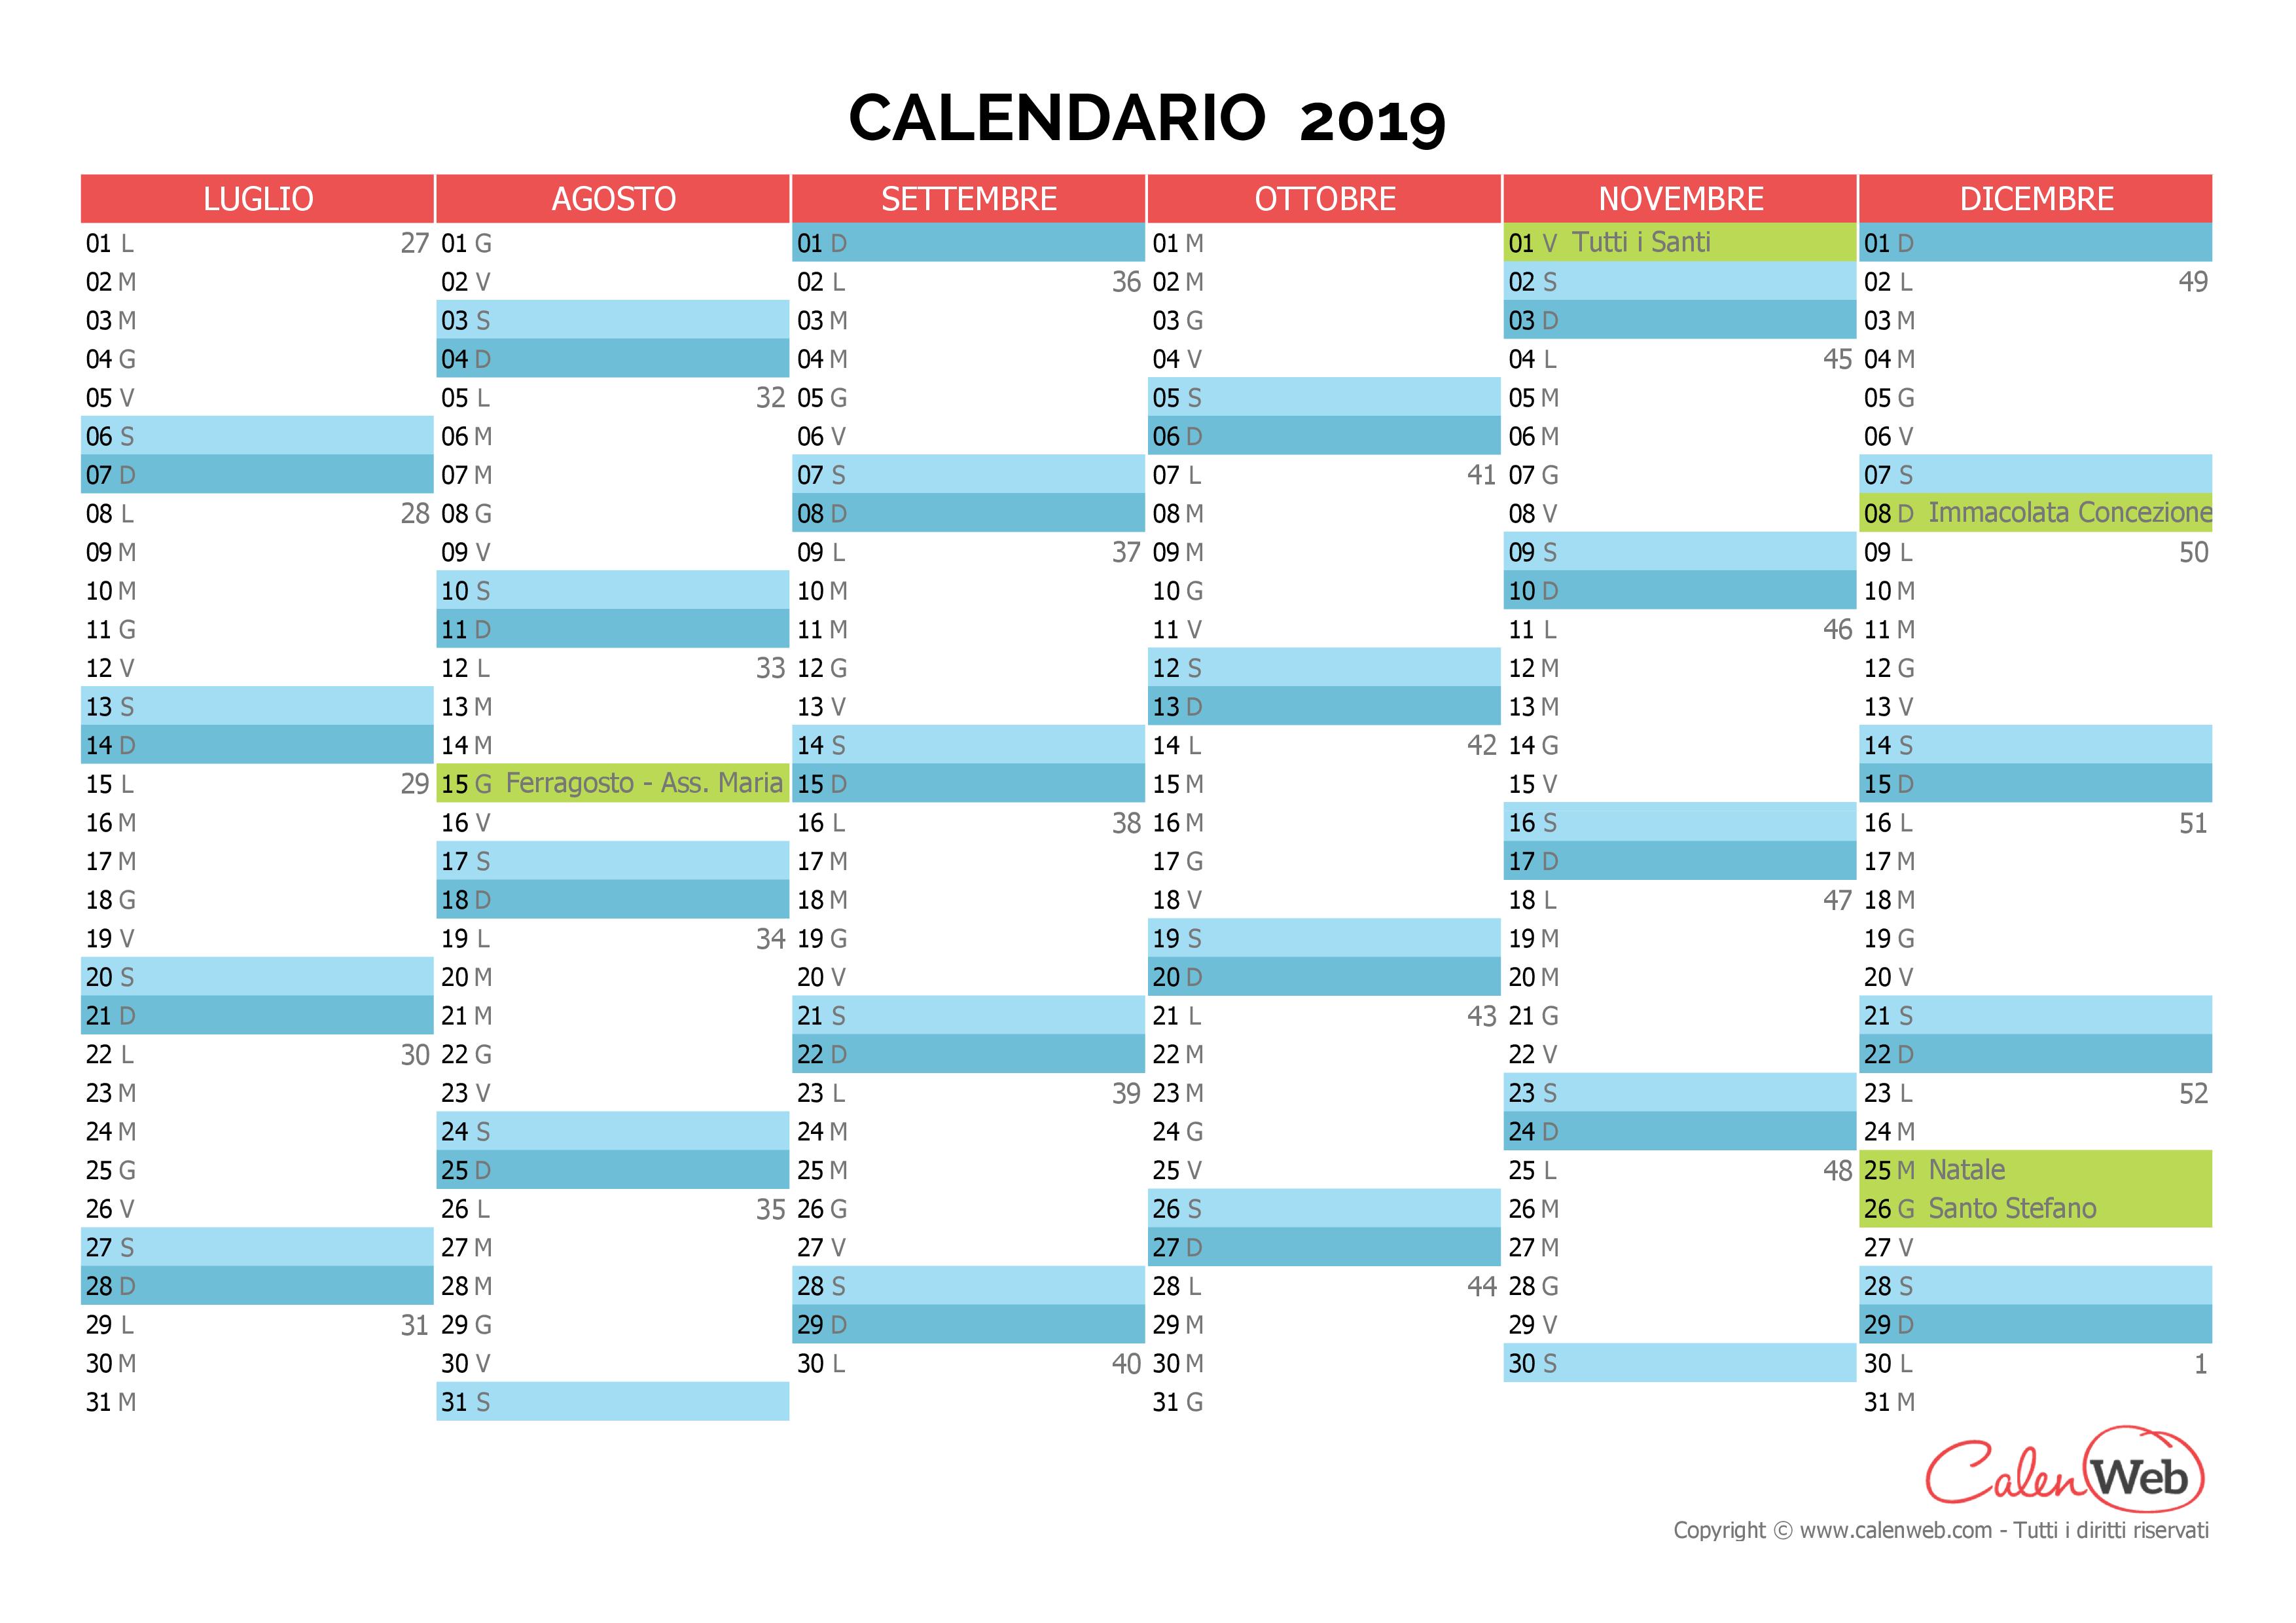 Calendario Annuale Da Stampare 2019.Calendario Semestrale Anno 2019 Con Le Festivita Italiane